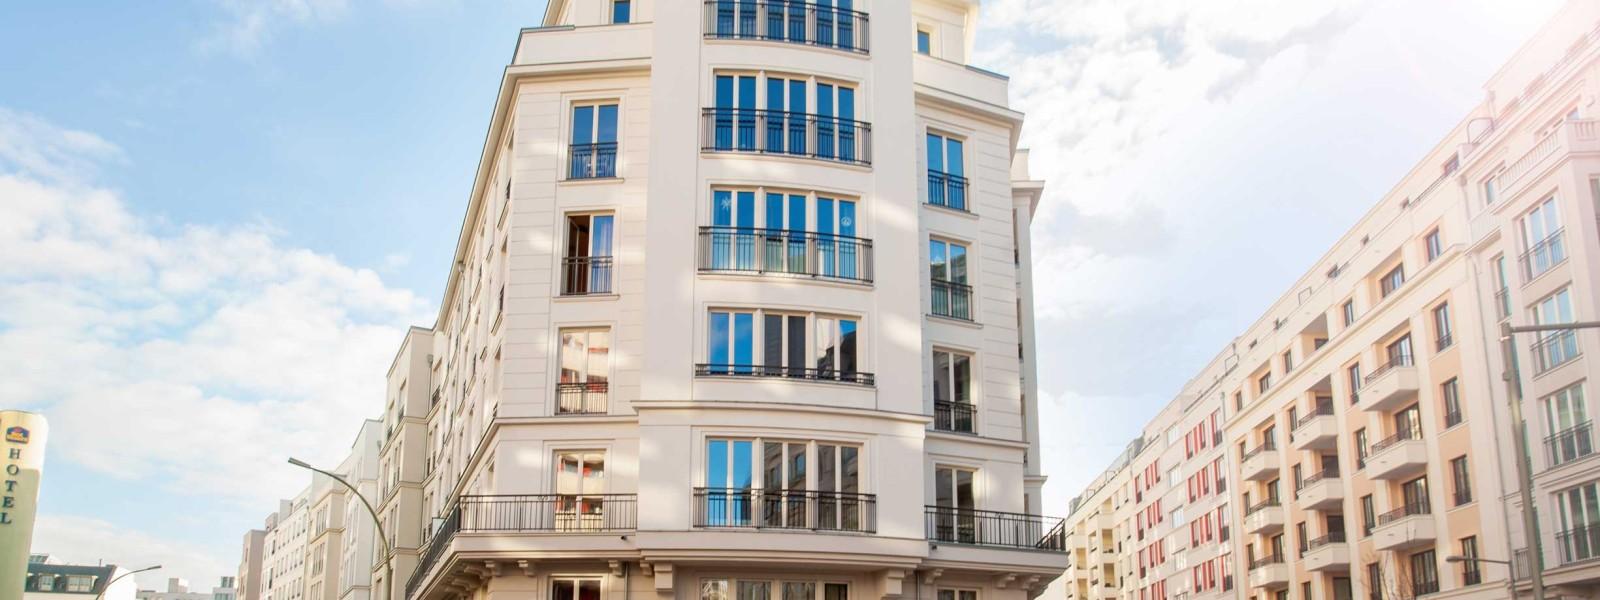 Элитное жилье в центре Берлина